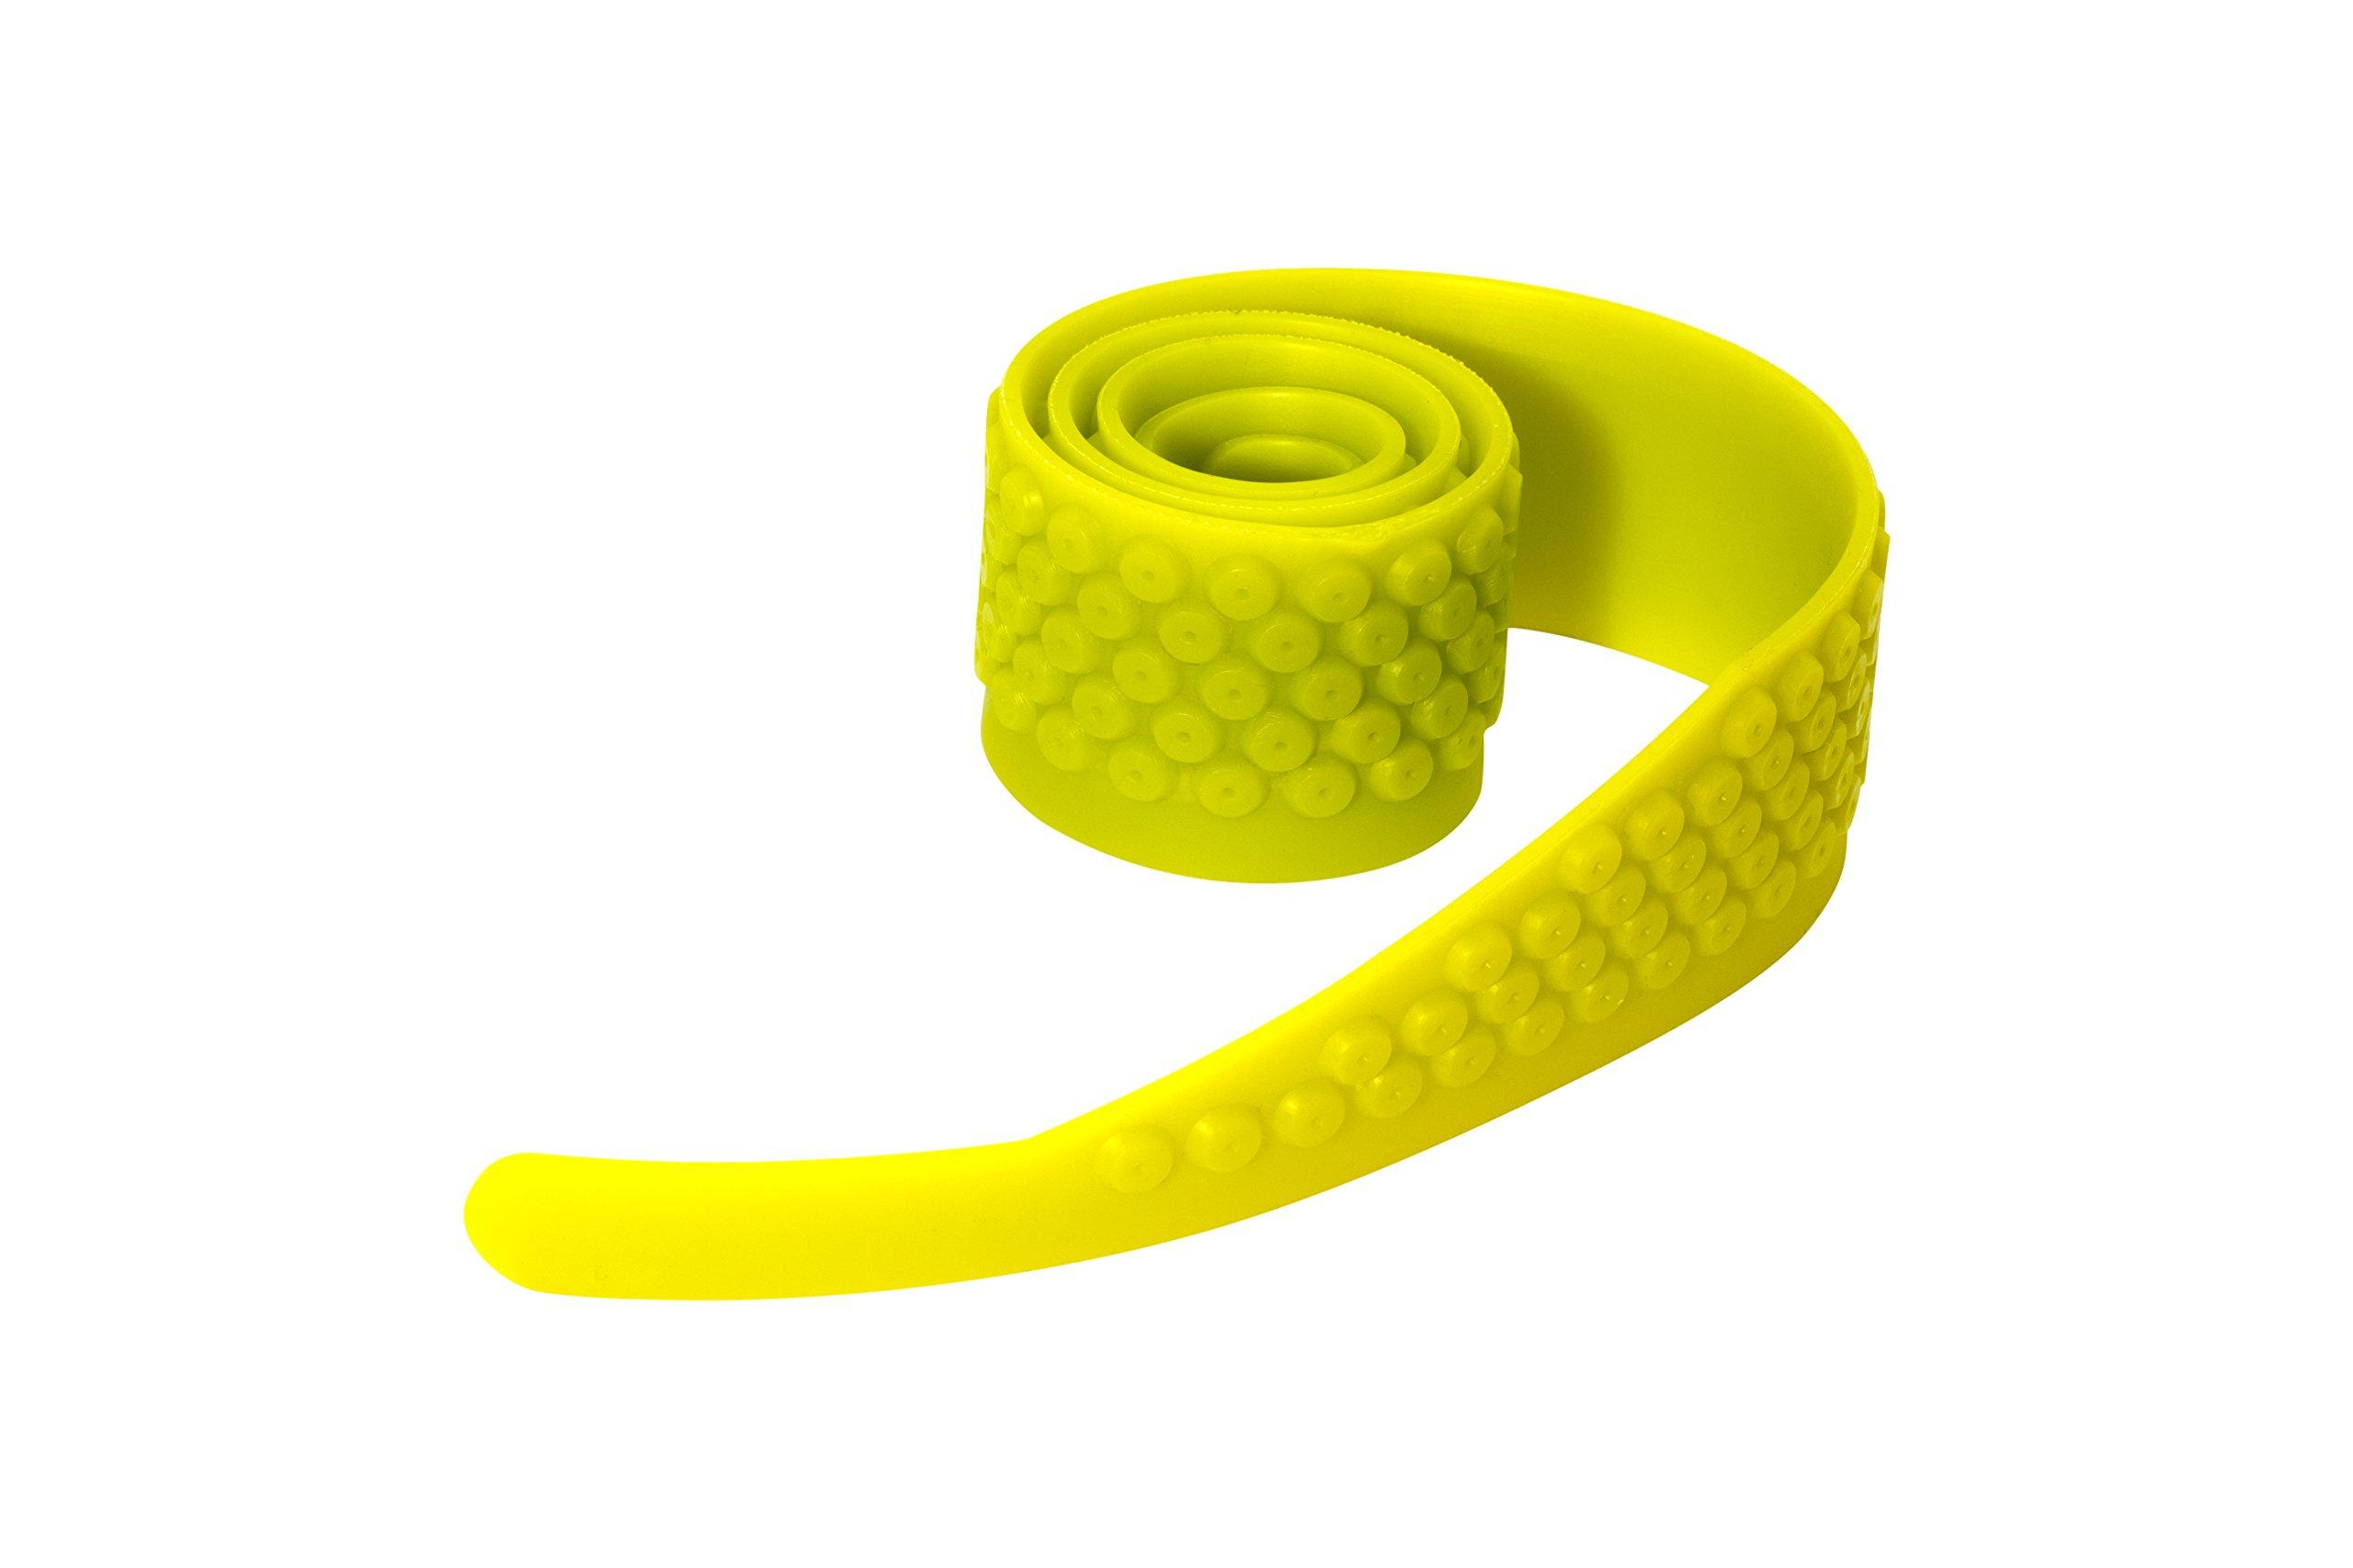 """Limbsaver Comfort-Tech 24017 Power/Hand Tool Grip Wrap, 24"""", Yellow"""